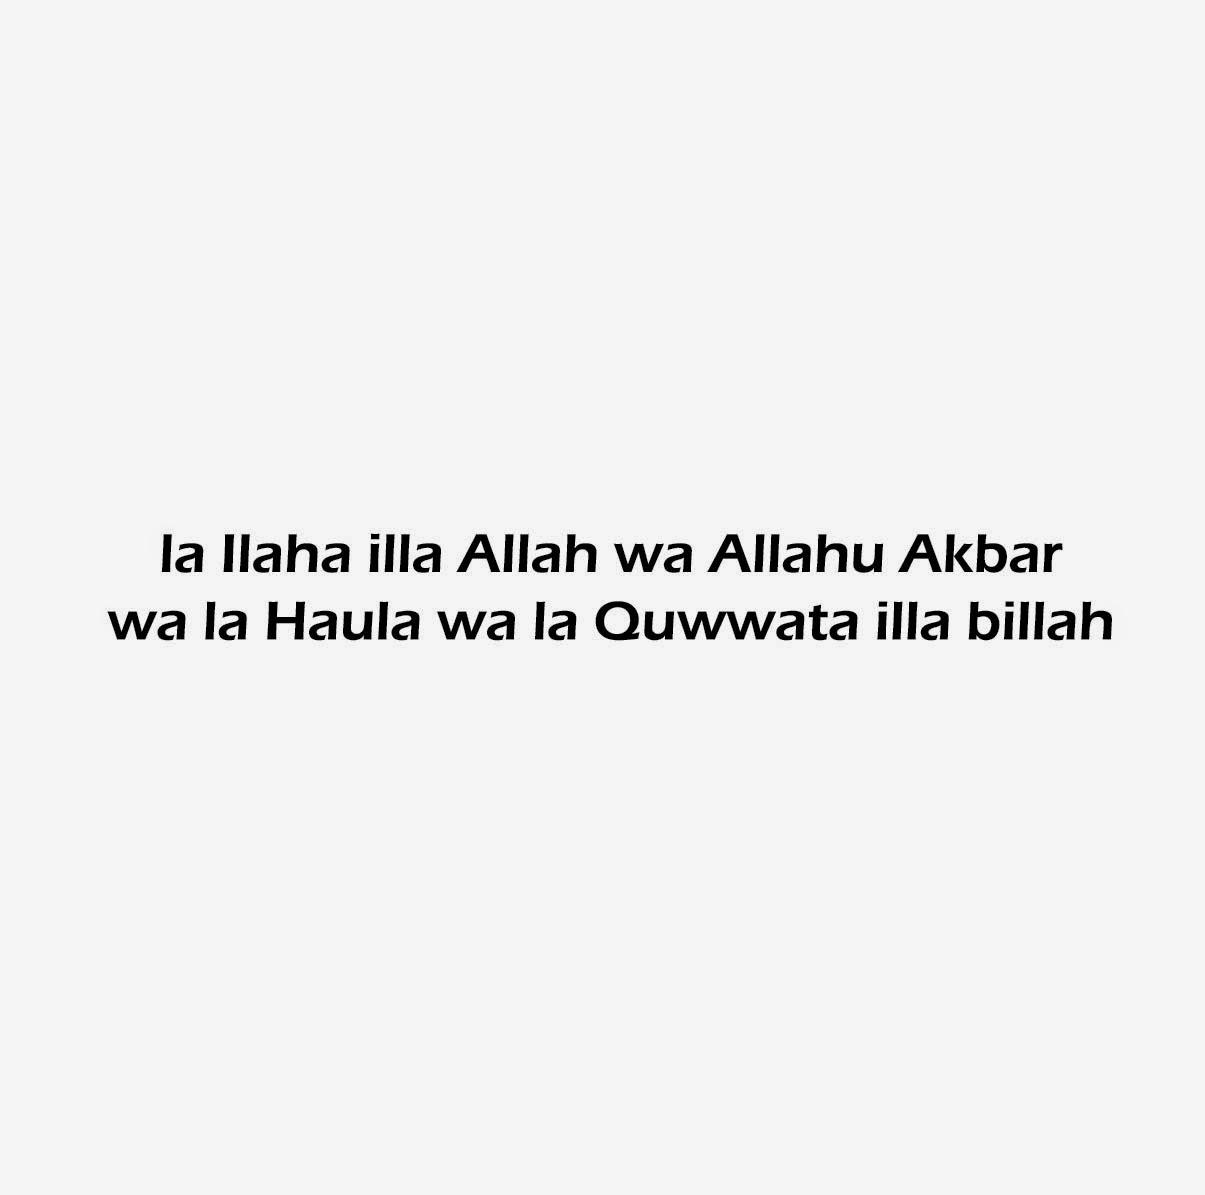 la Ilaha illa Allah wa Allahu Akbar wa la Haula wa la Quwwata illa billah